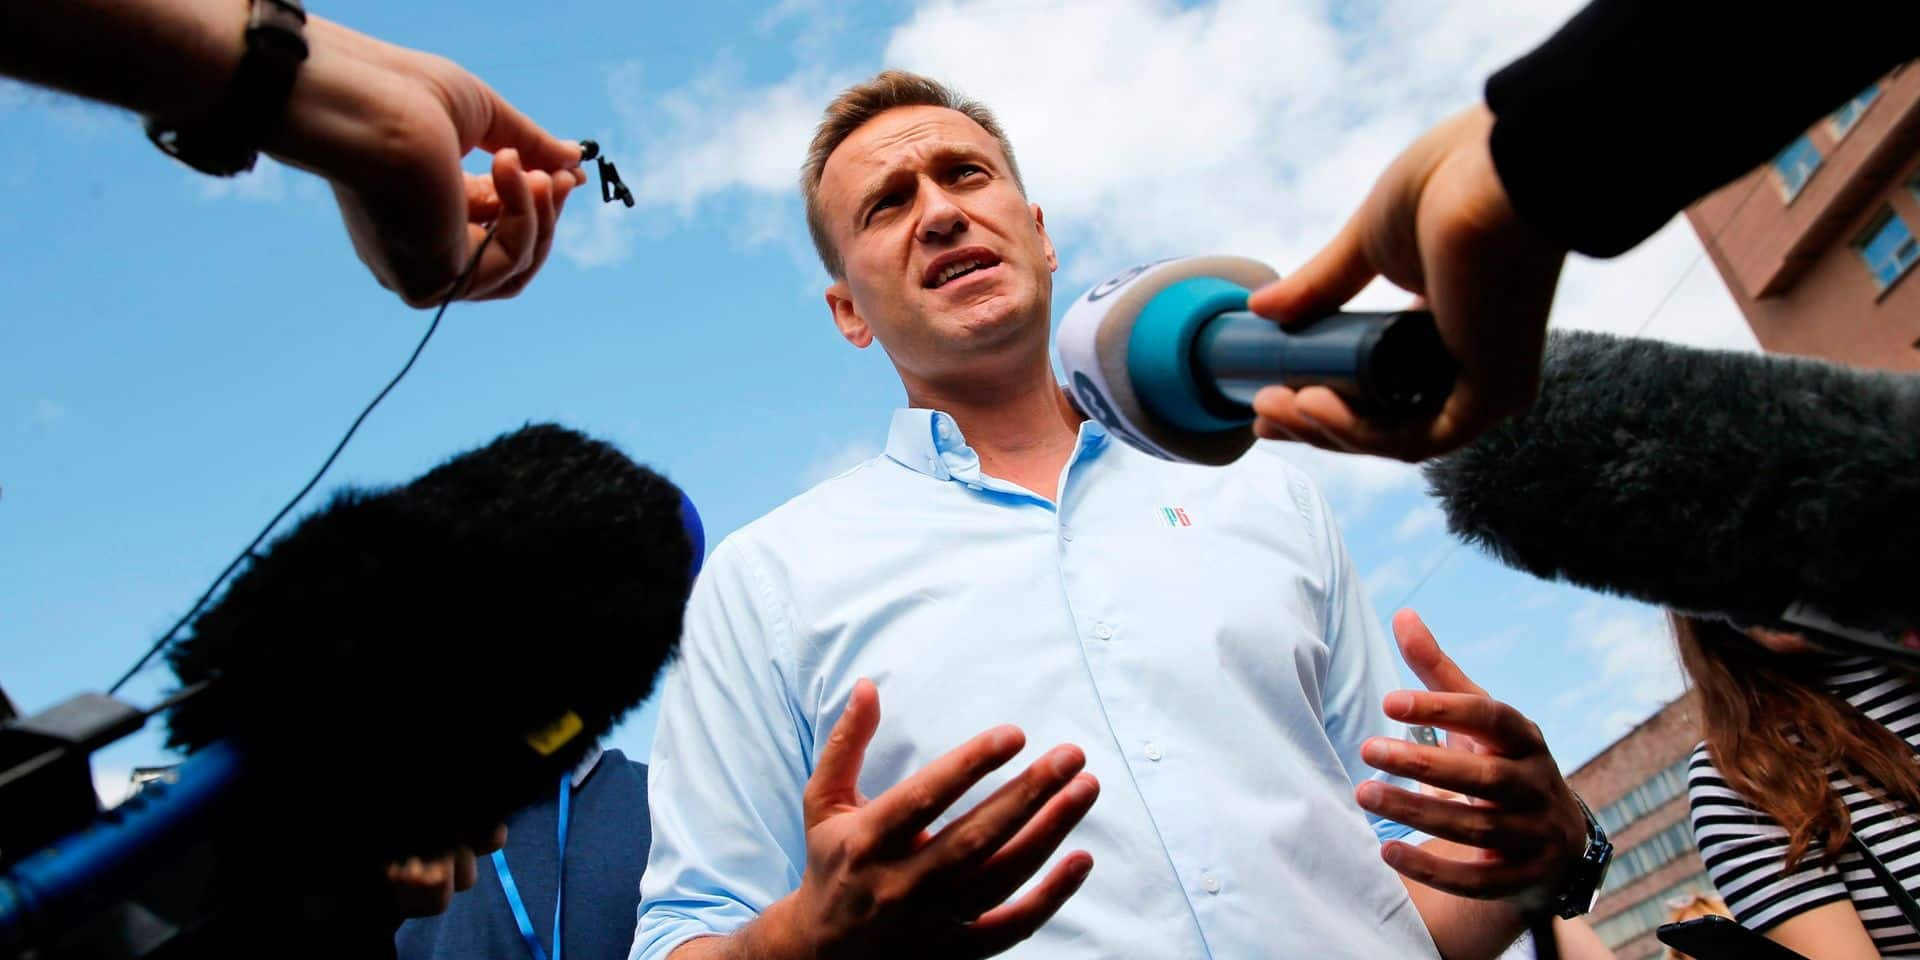 """Moscou dénonce les """"accusations infondées et ultimatums"""" allemands dans l'affaire Navalny"""